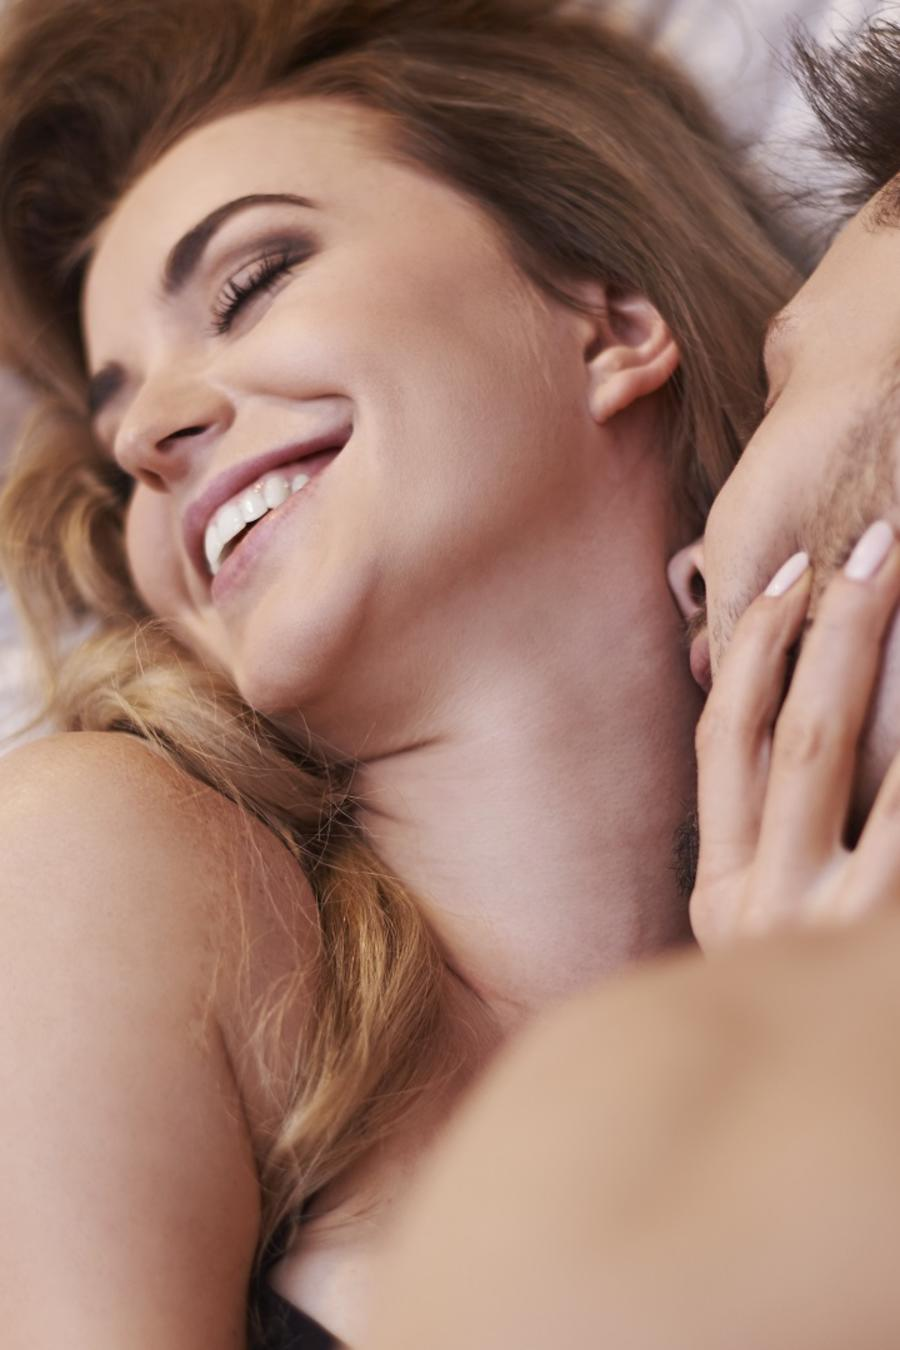 Mujer sonriendo en la cama mientras un hombre besa su cuello